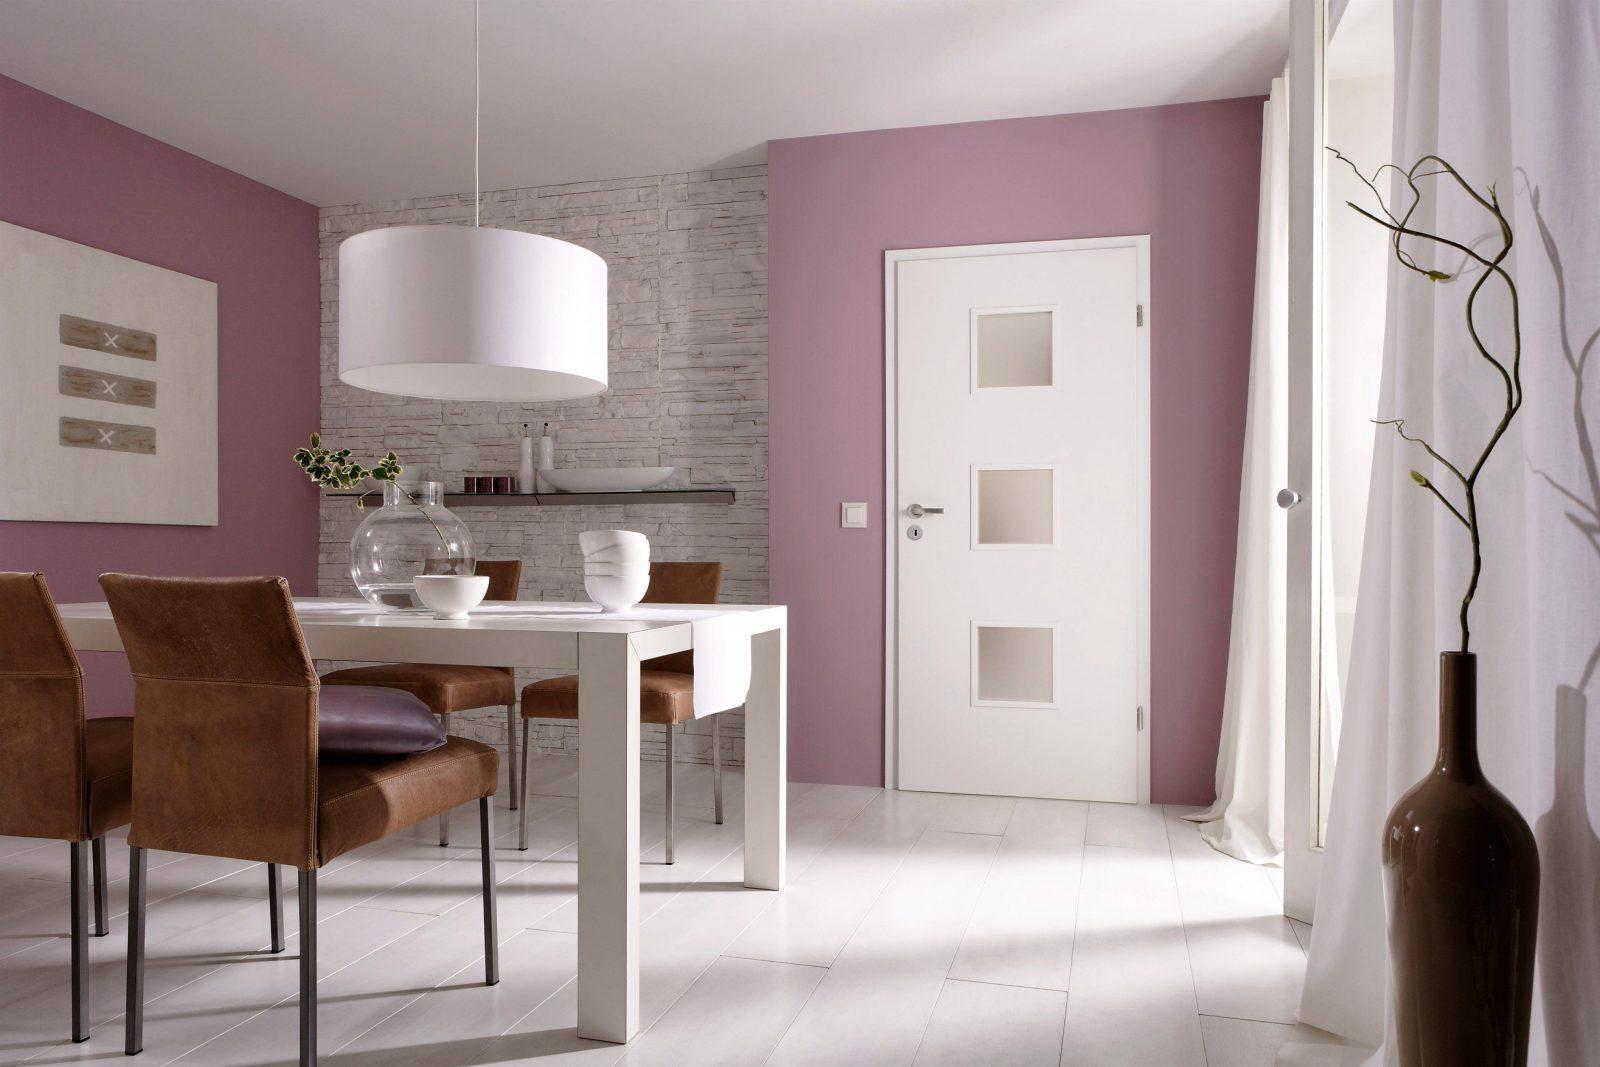 Wohnzimmer Farben Weiße Möbel Von Wandfarbe Zu Weißen Möbeln Bild